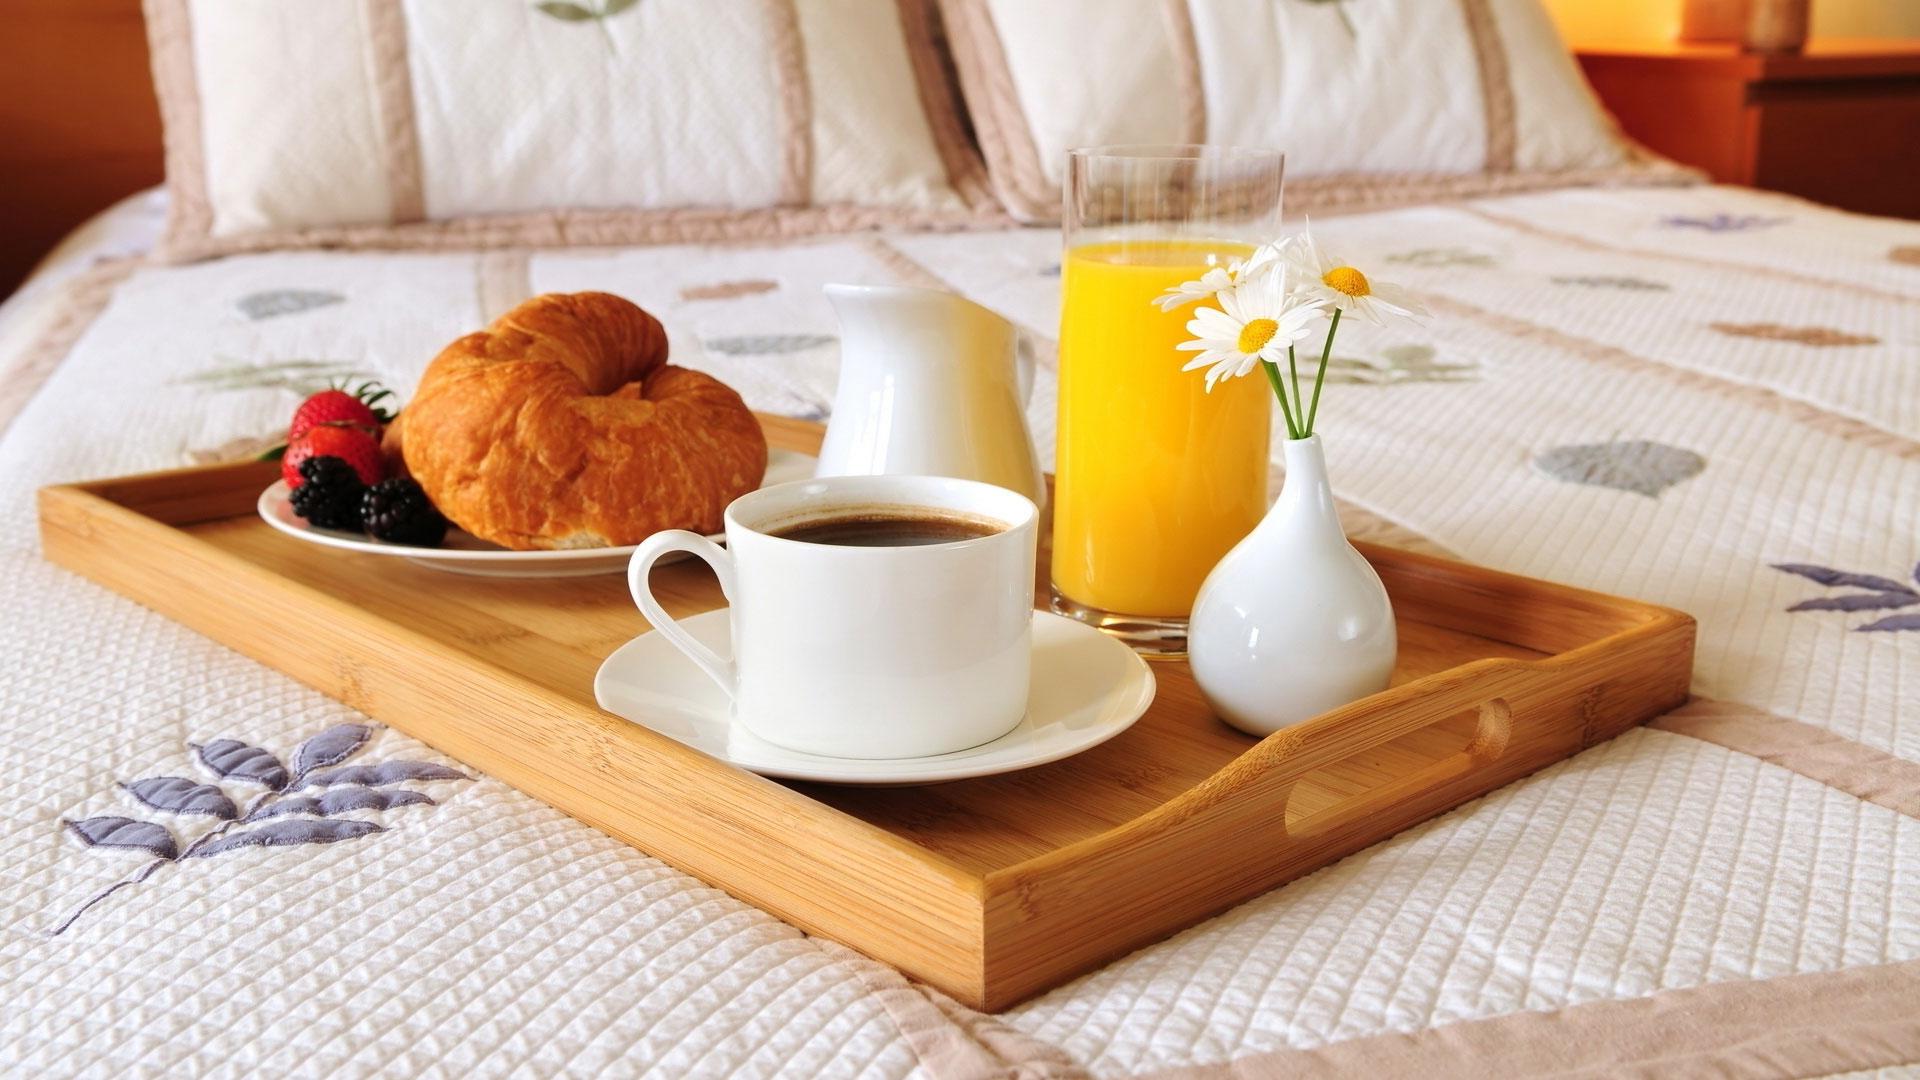 Sfondi cibo letto caff colazione succo pranzo - Colazione al letto ...